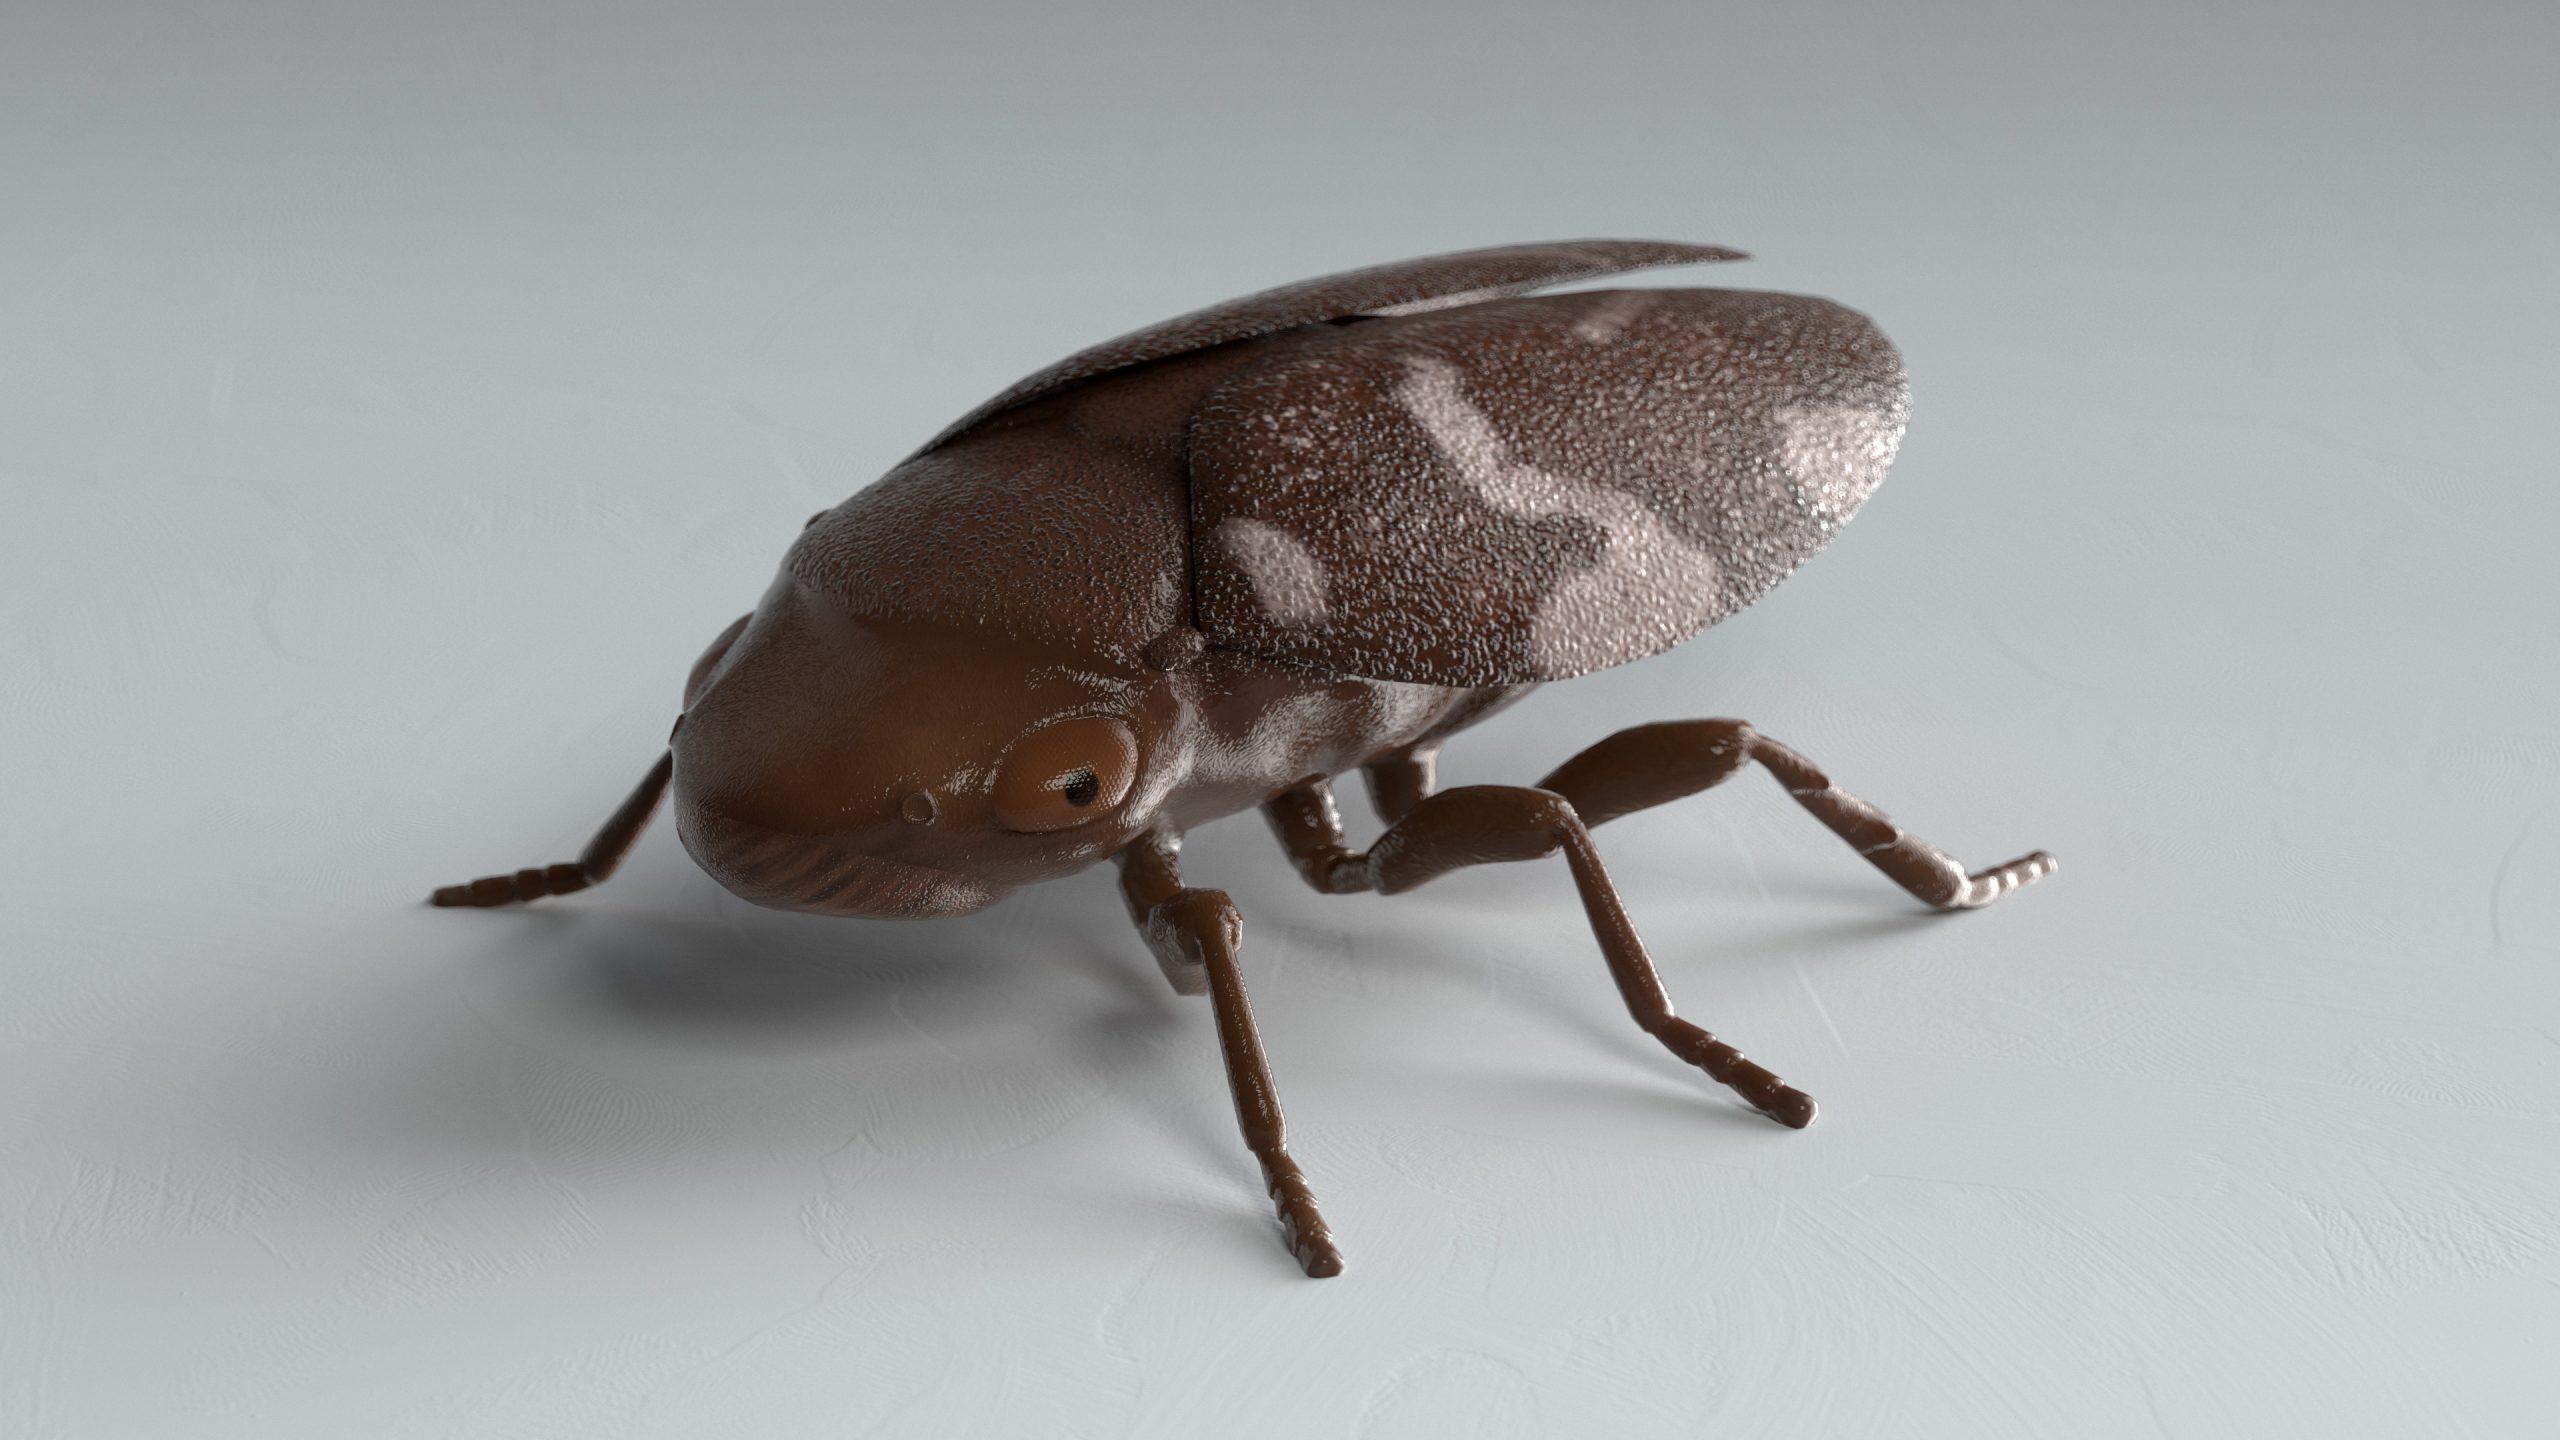 Spuugbeestje (Philaenus spumarius) 3D Model